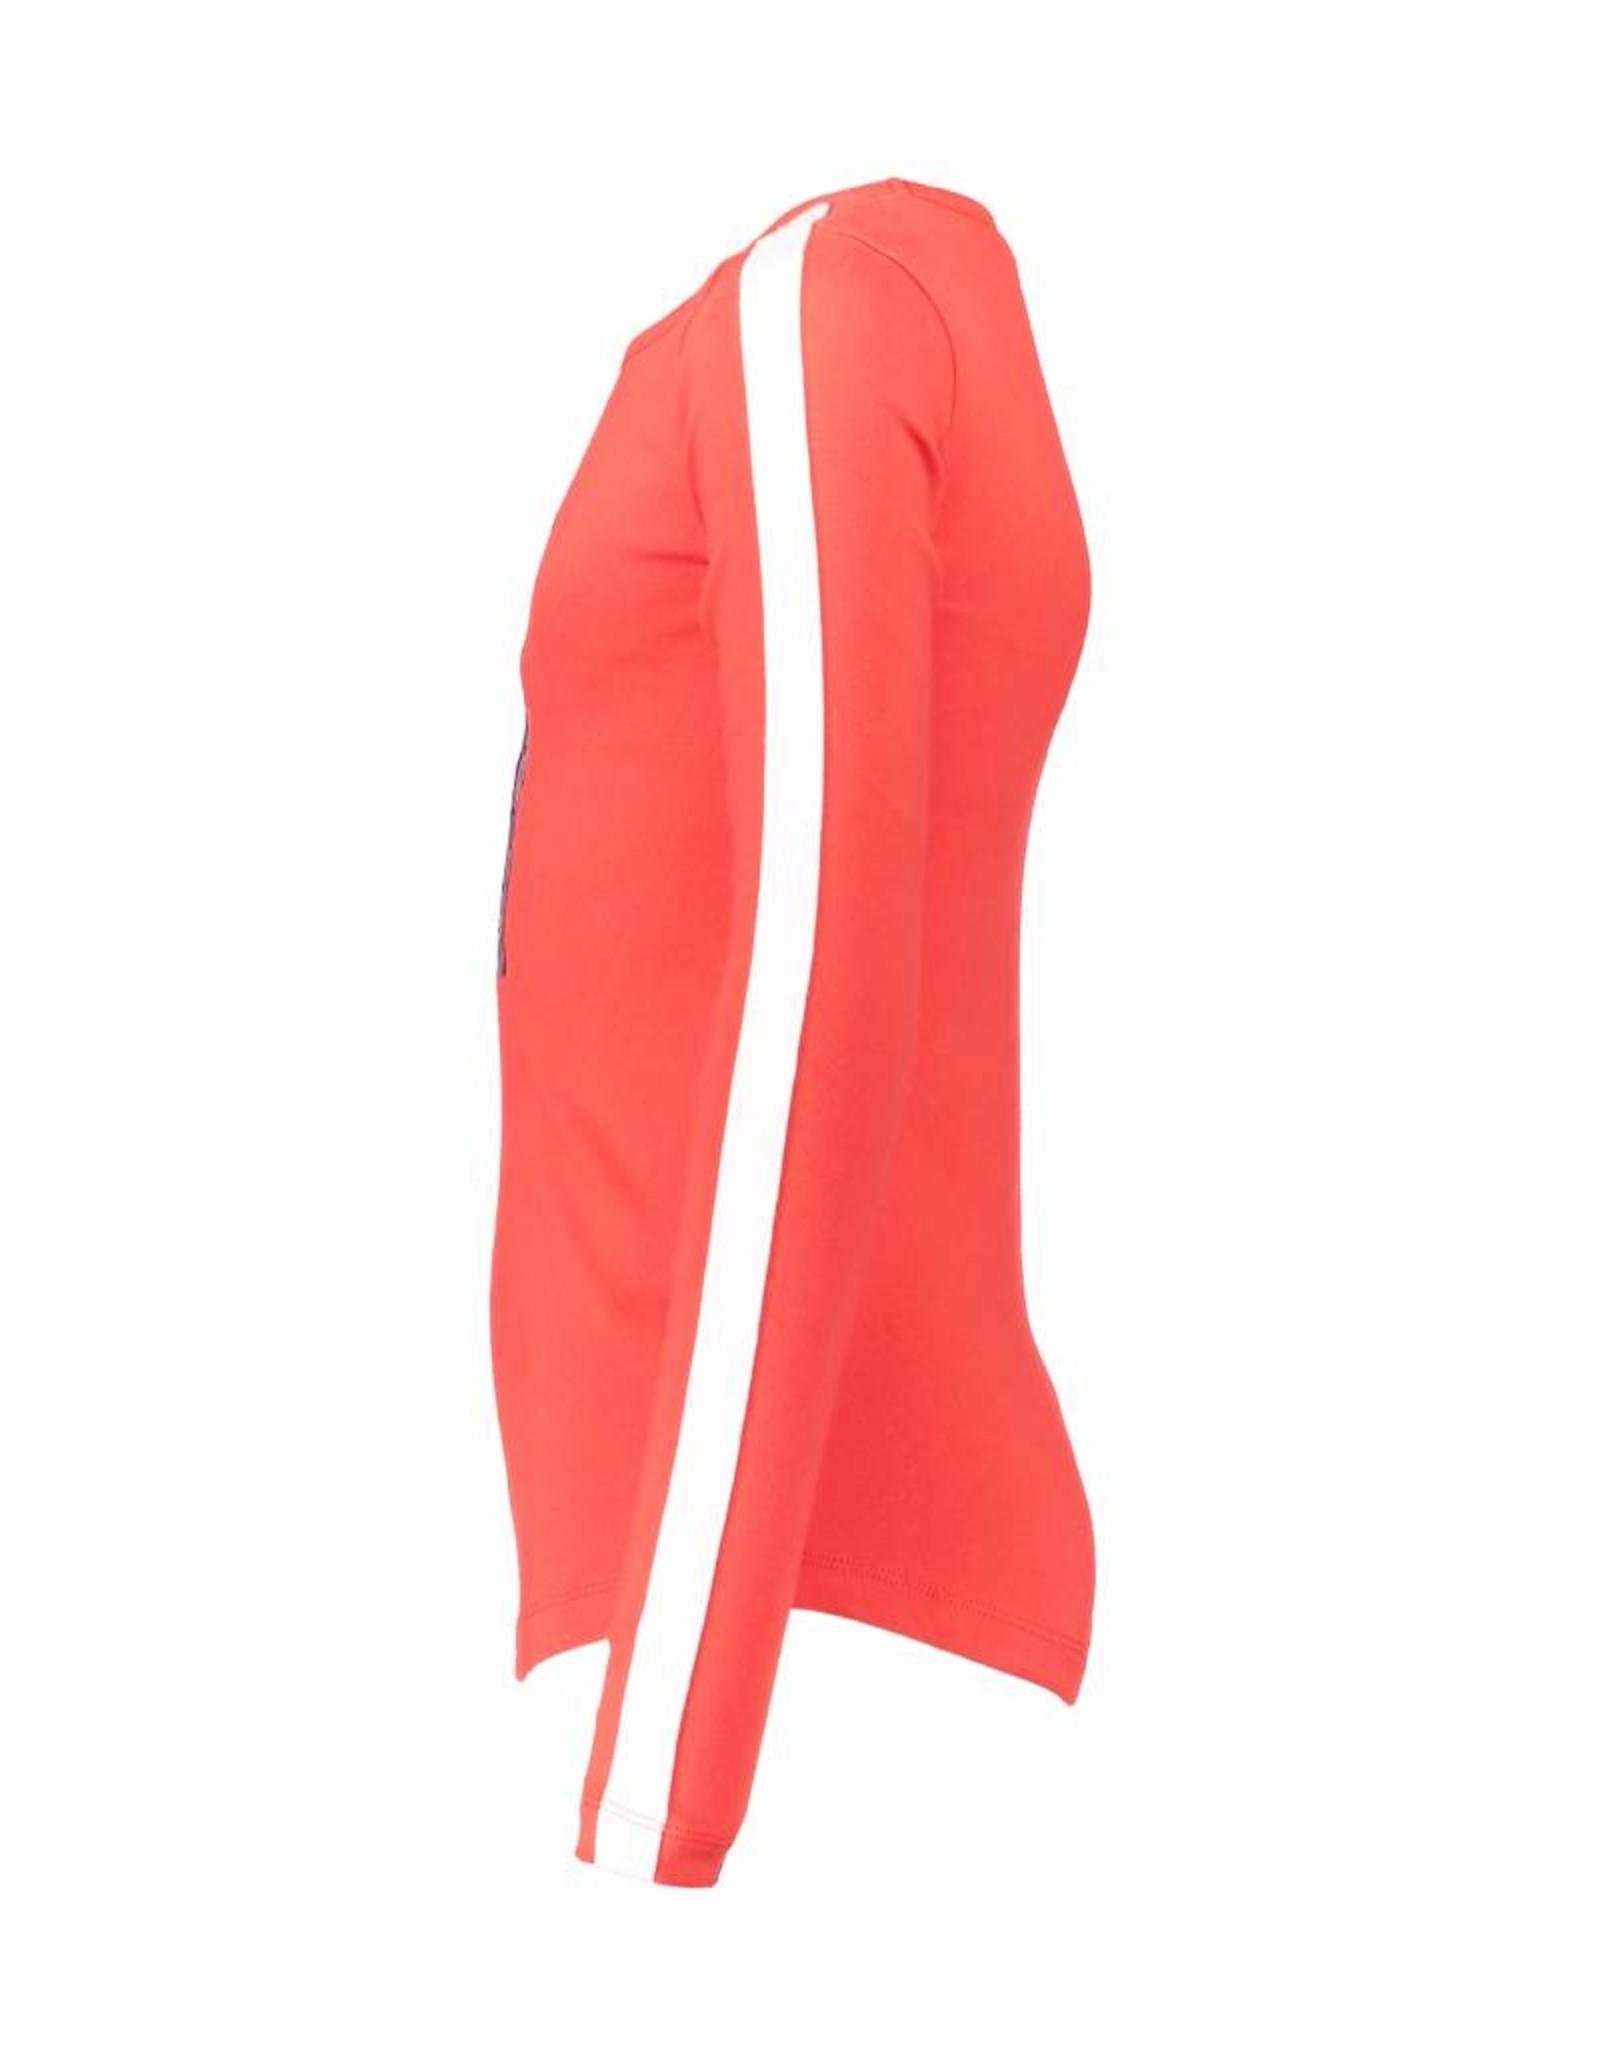 NoBell' NoBell' shirt KIVI Fresh Red